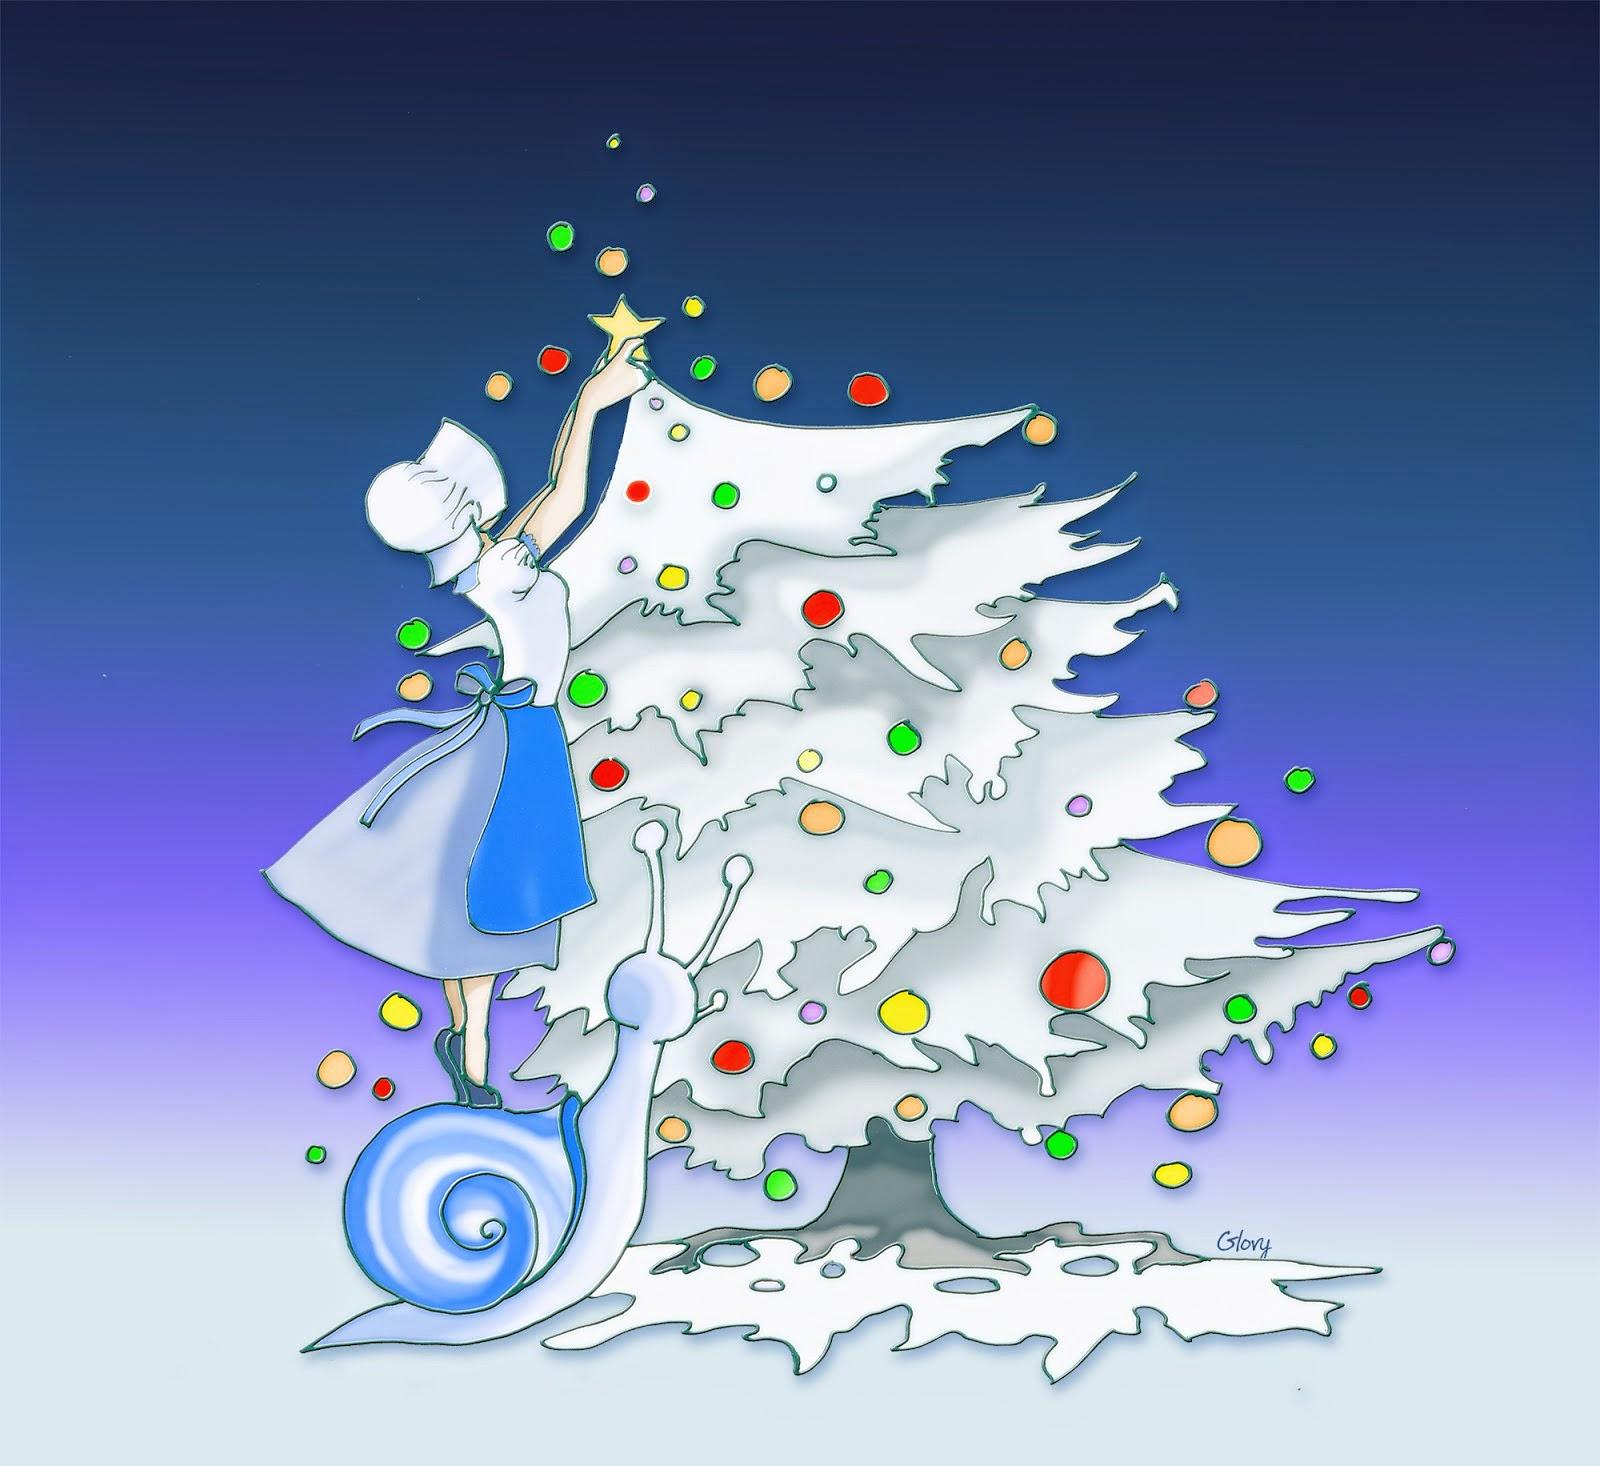 AUTISME 17 vous souhaite de Joyeuses Fêtes de fin d'année